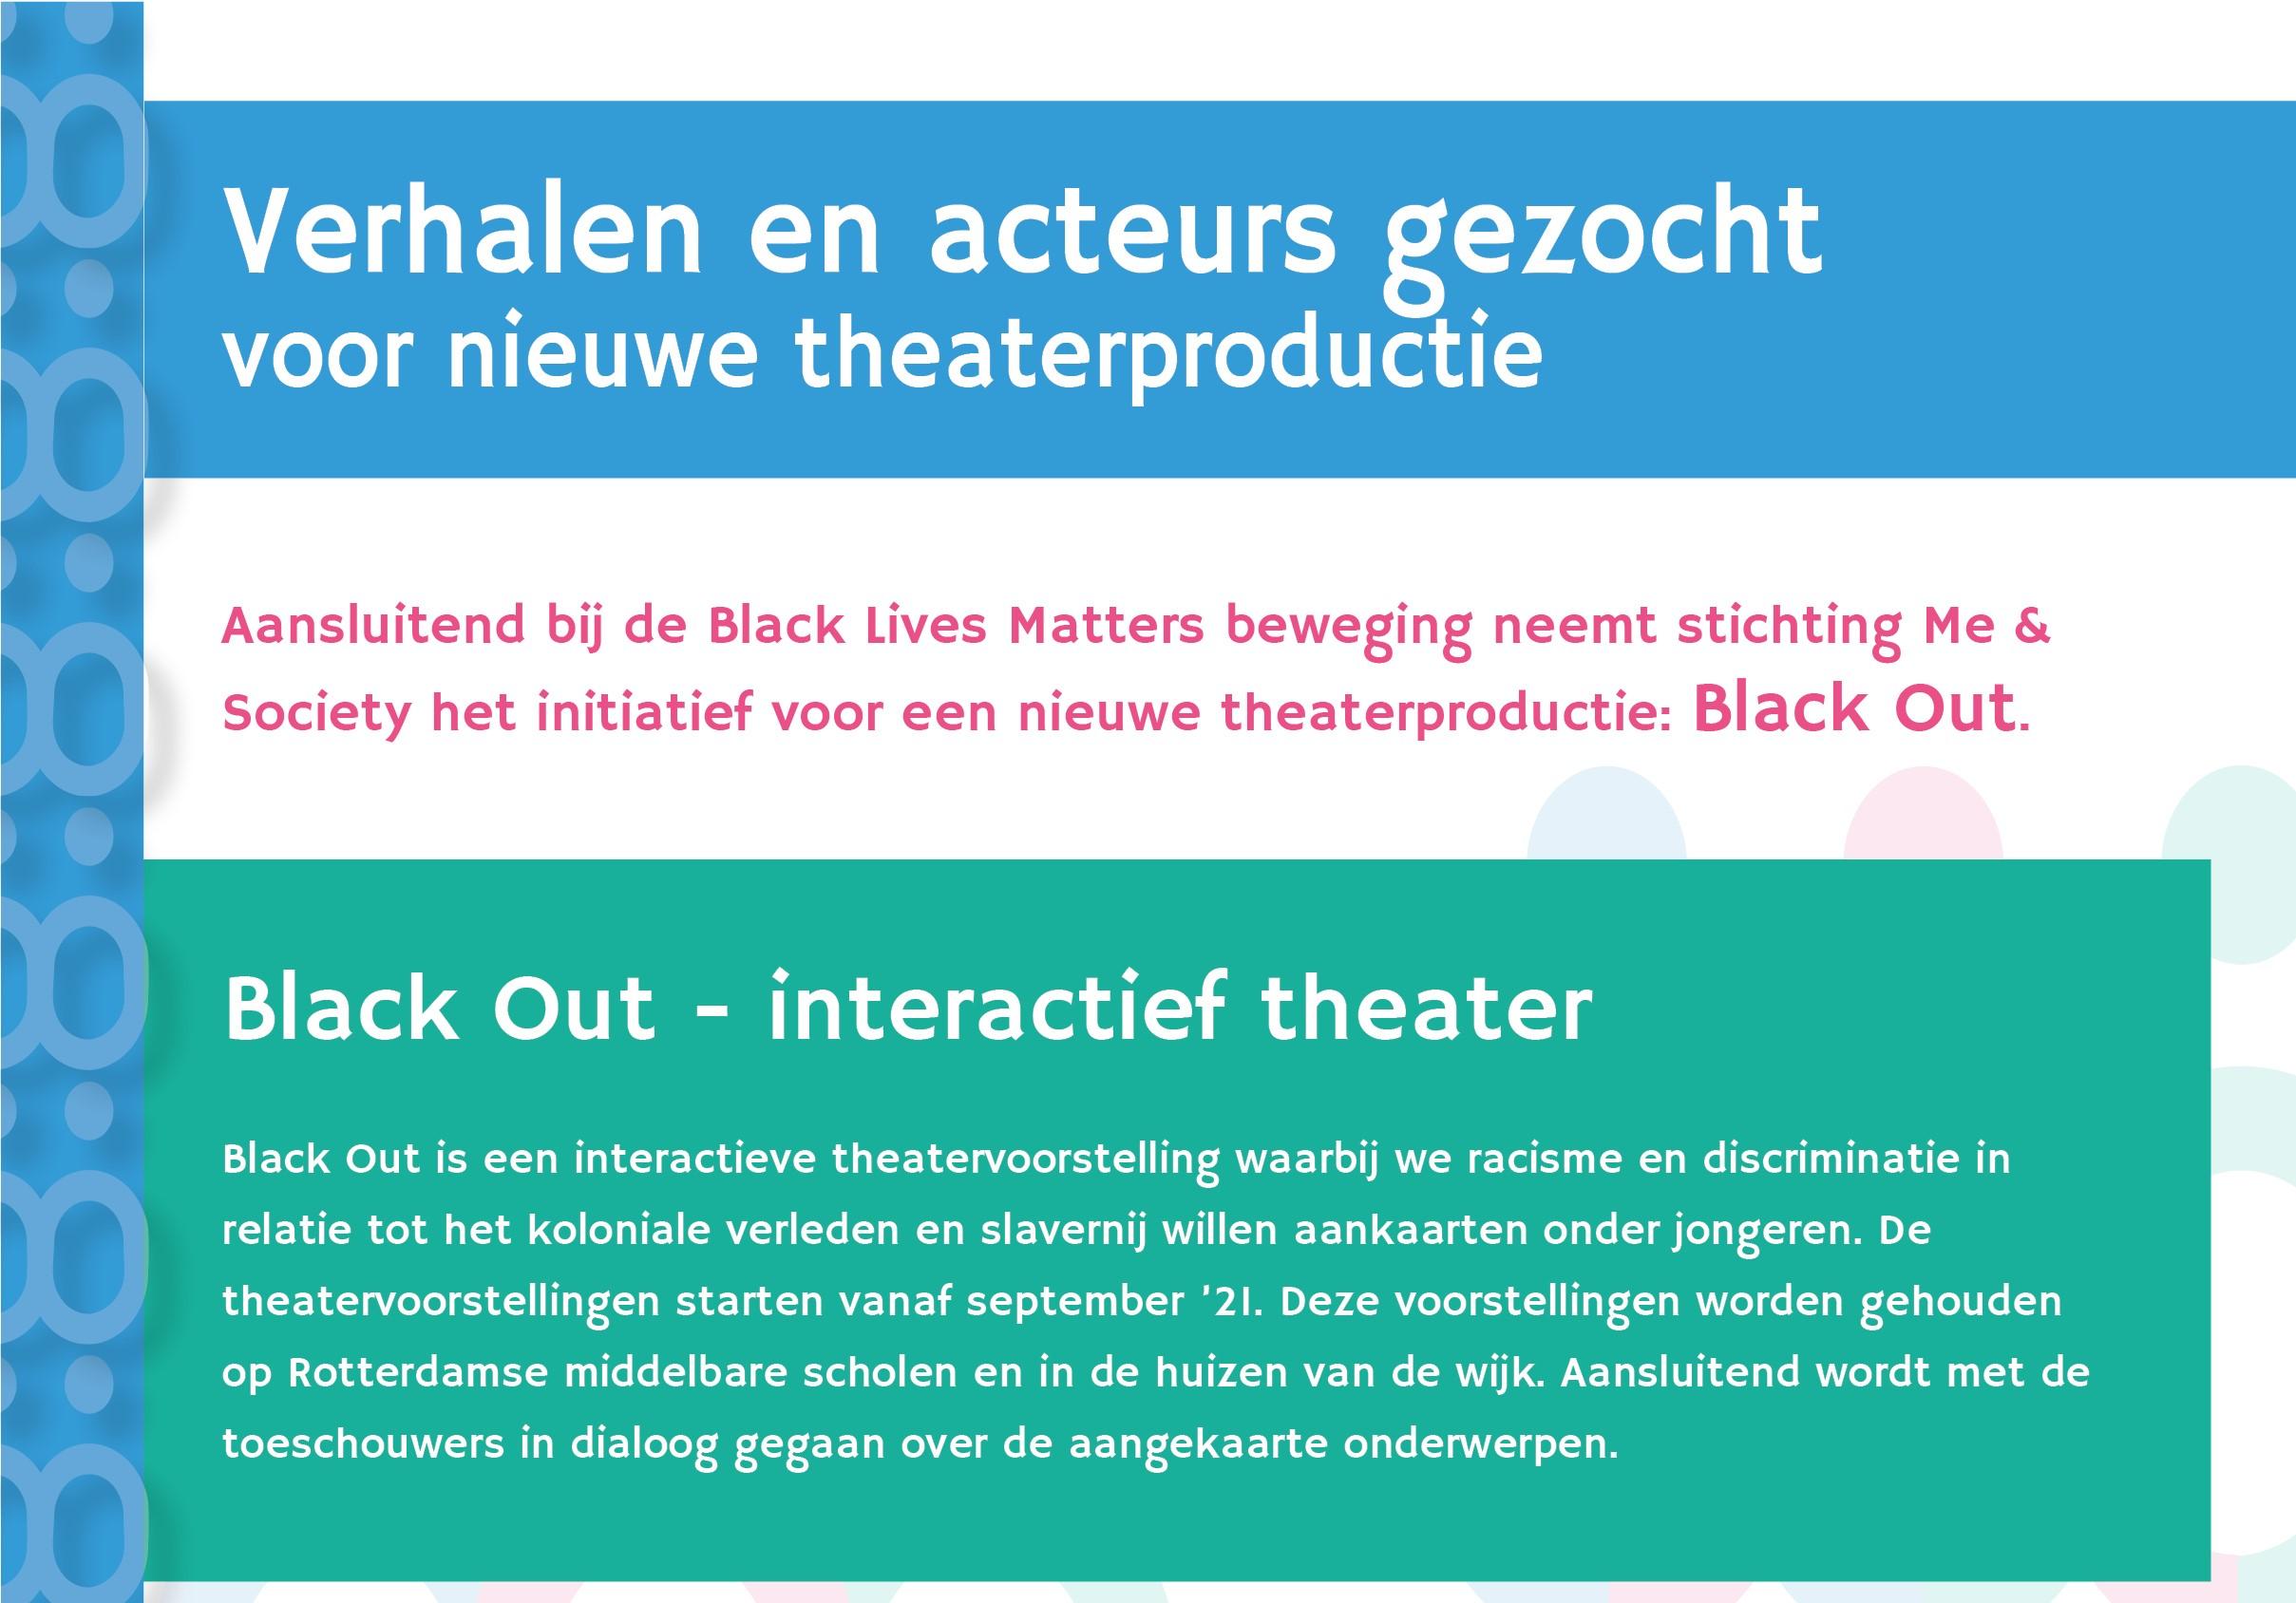 Verhalen en acteurs gezocht voor nieuwe theaterproductie